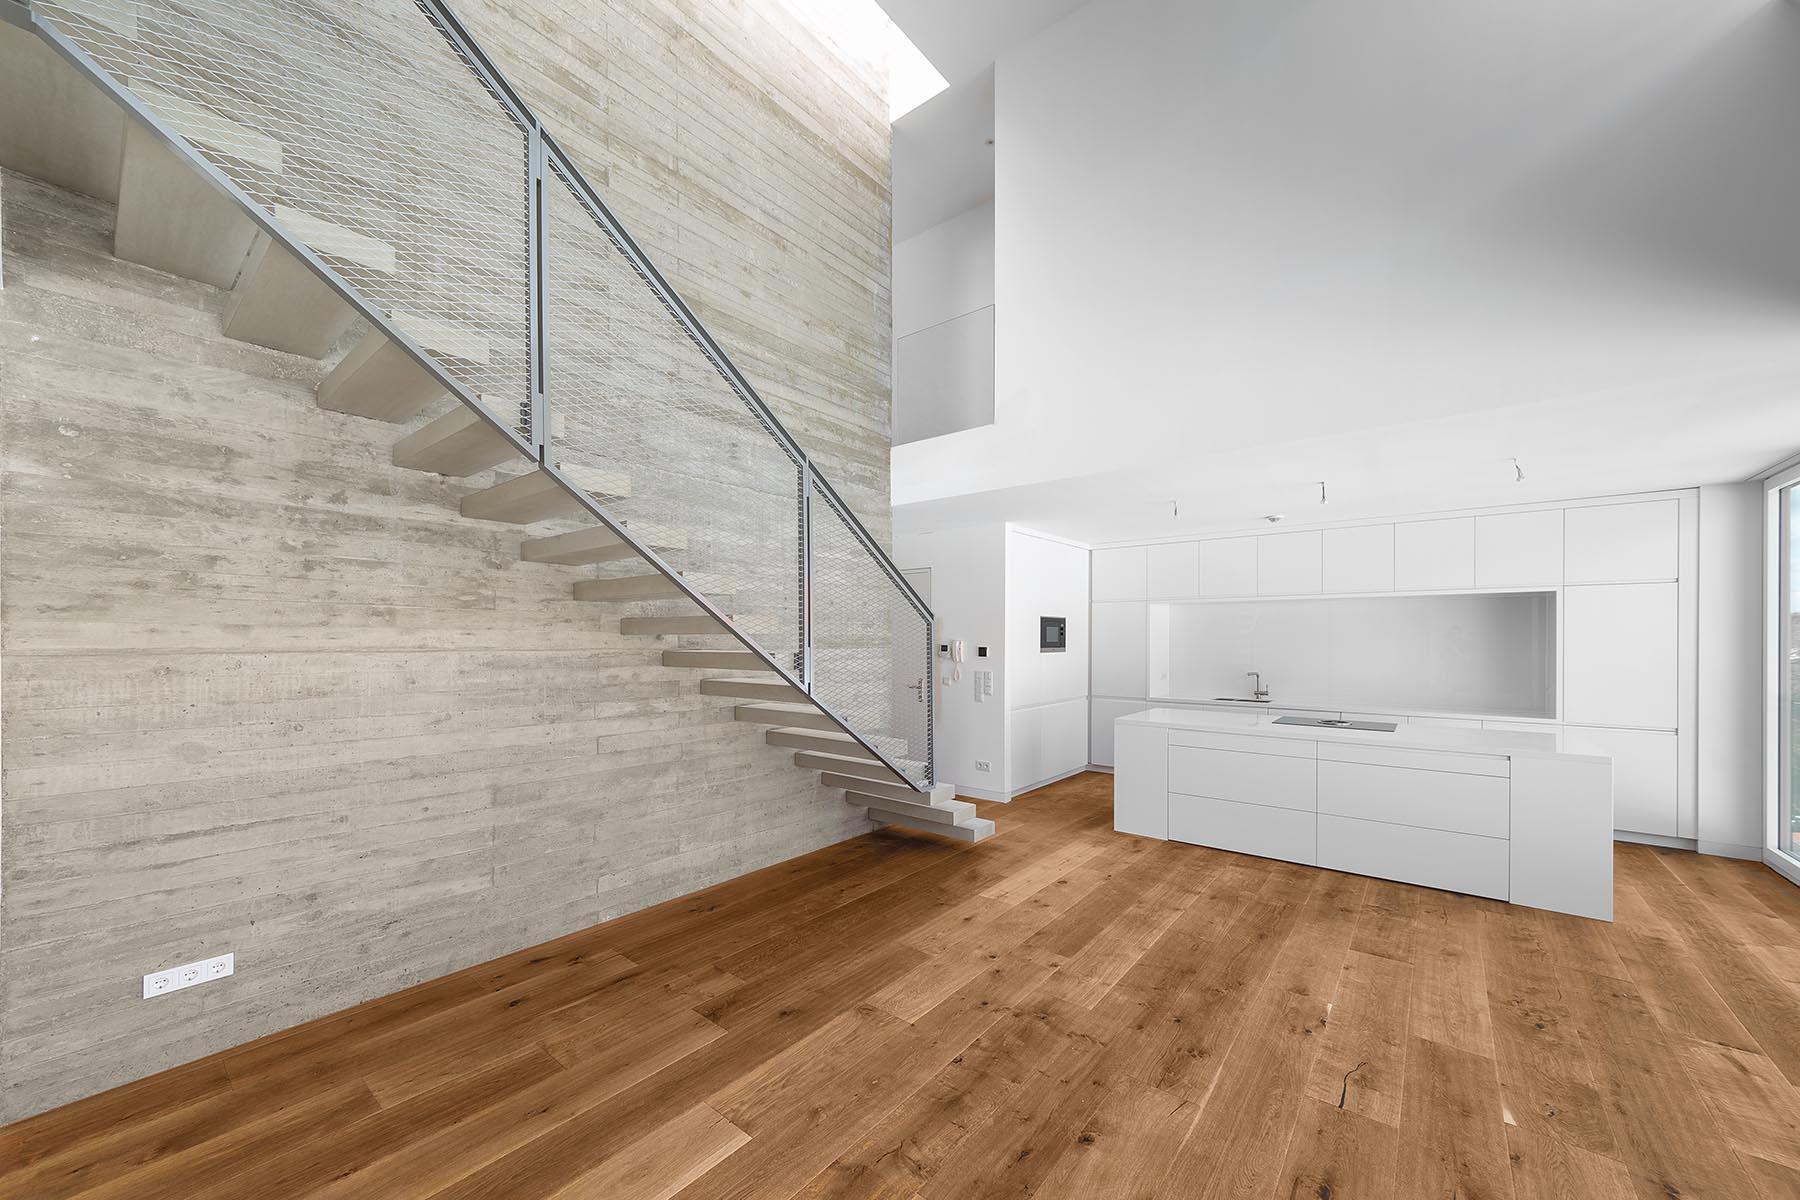 sichtbeton sb5 nf reparieren von sichtbetonoberfl chen. Black Bedroom Furniture Sets. Home Design Ideas